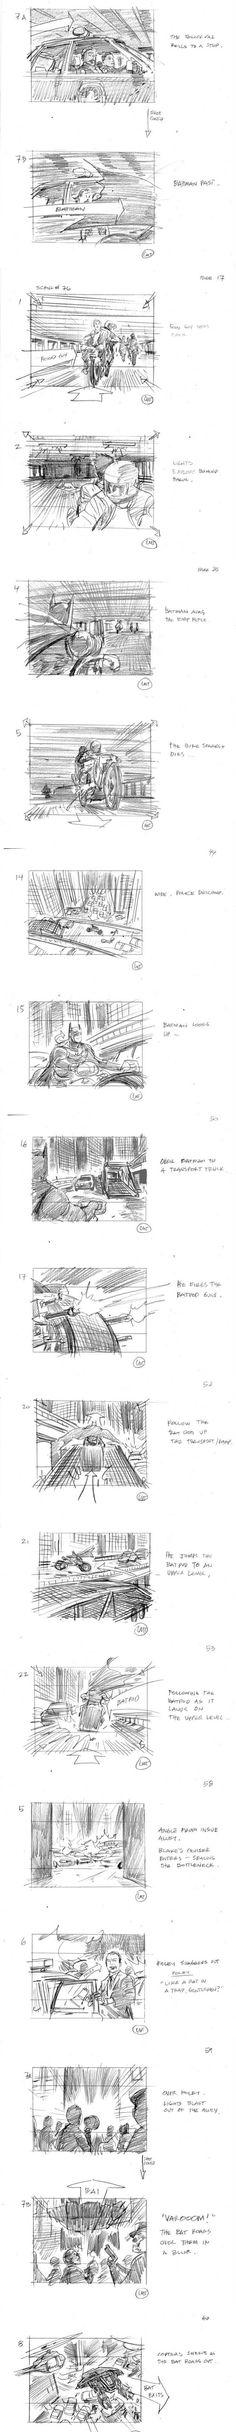 'The Dark Knight Rises'  Storyboard Artist: Gabriel Hardman